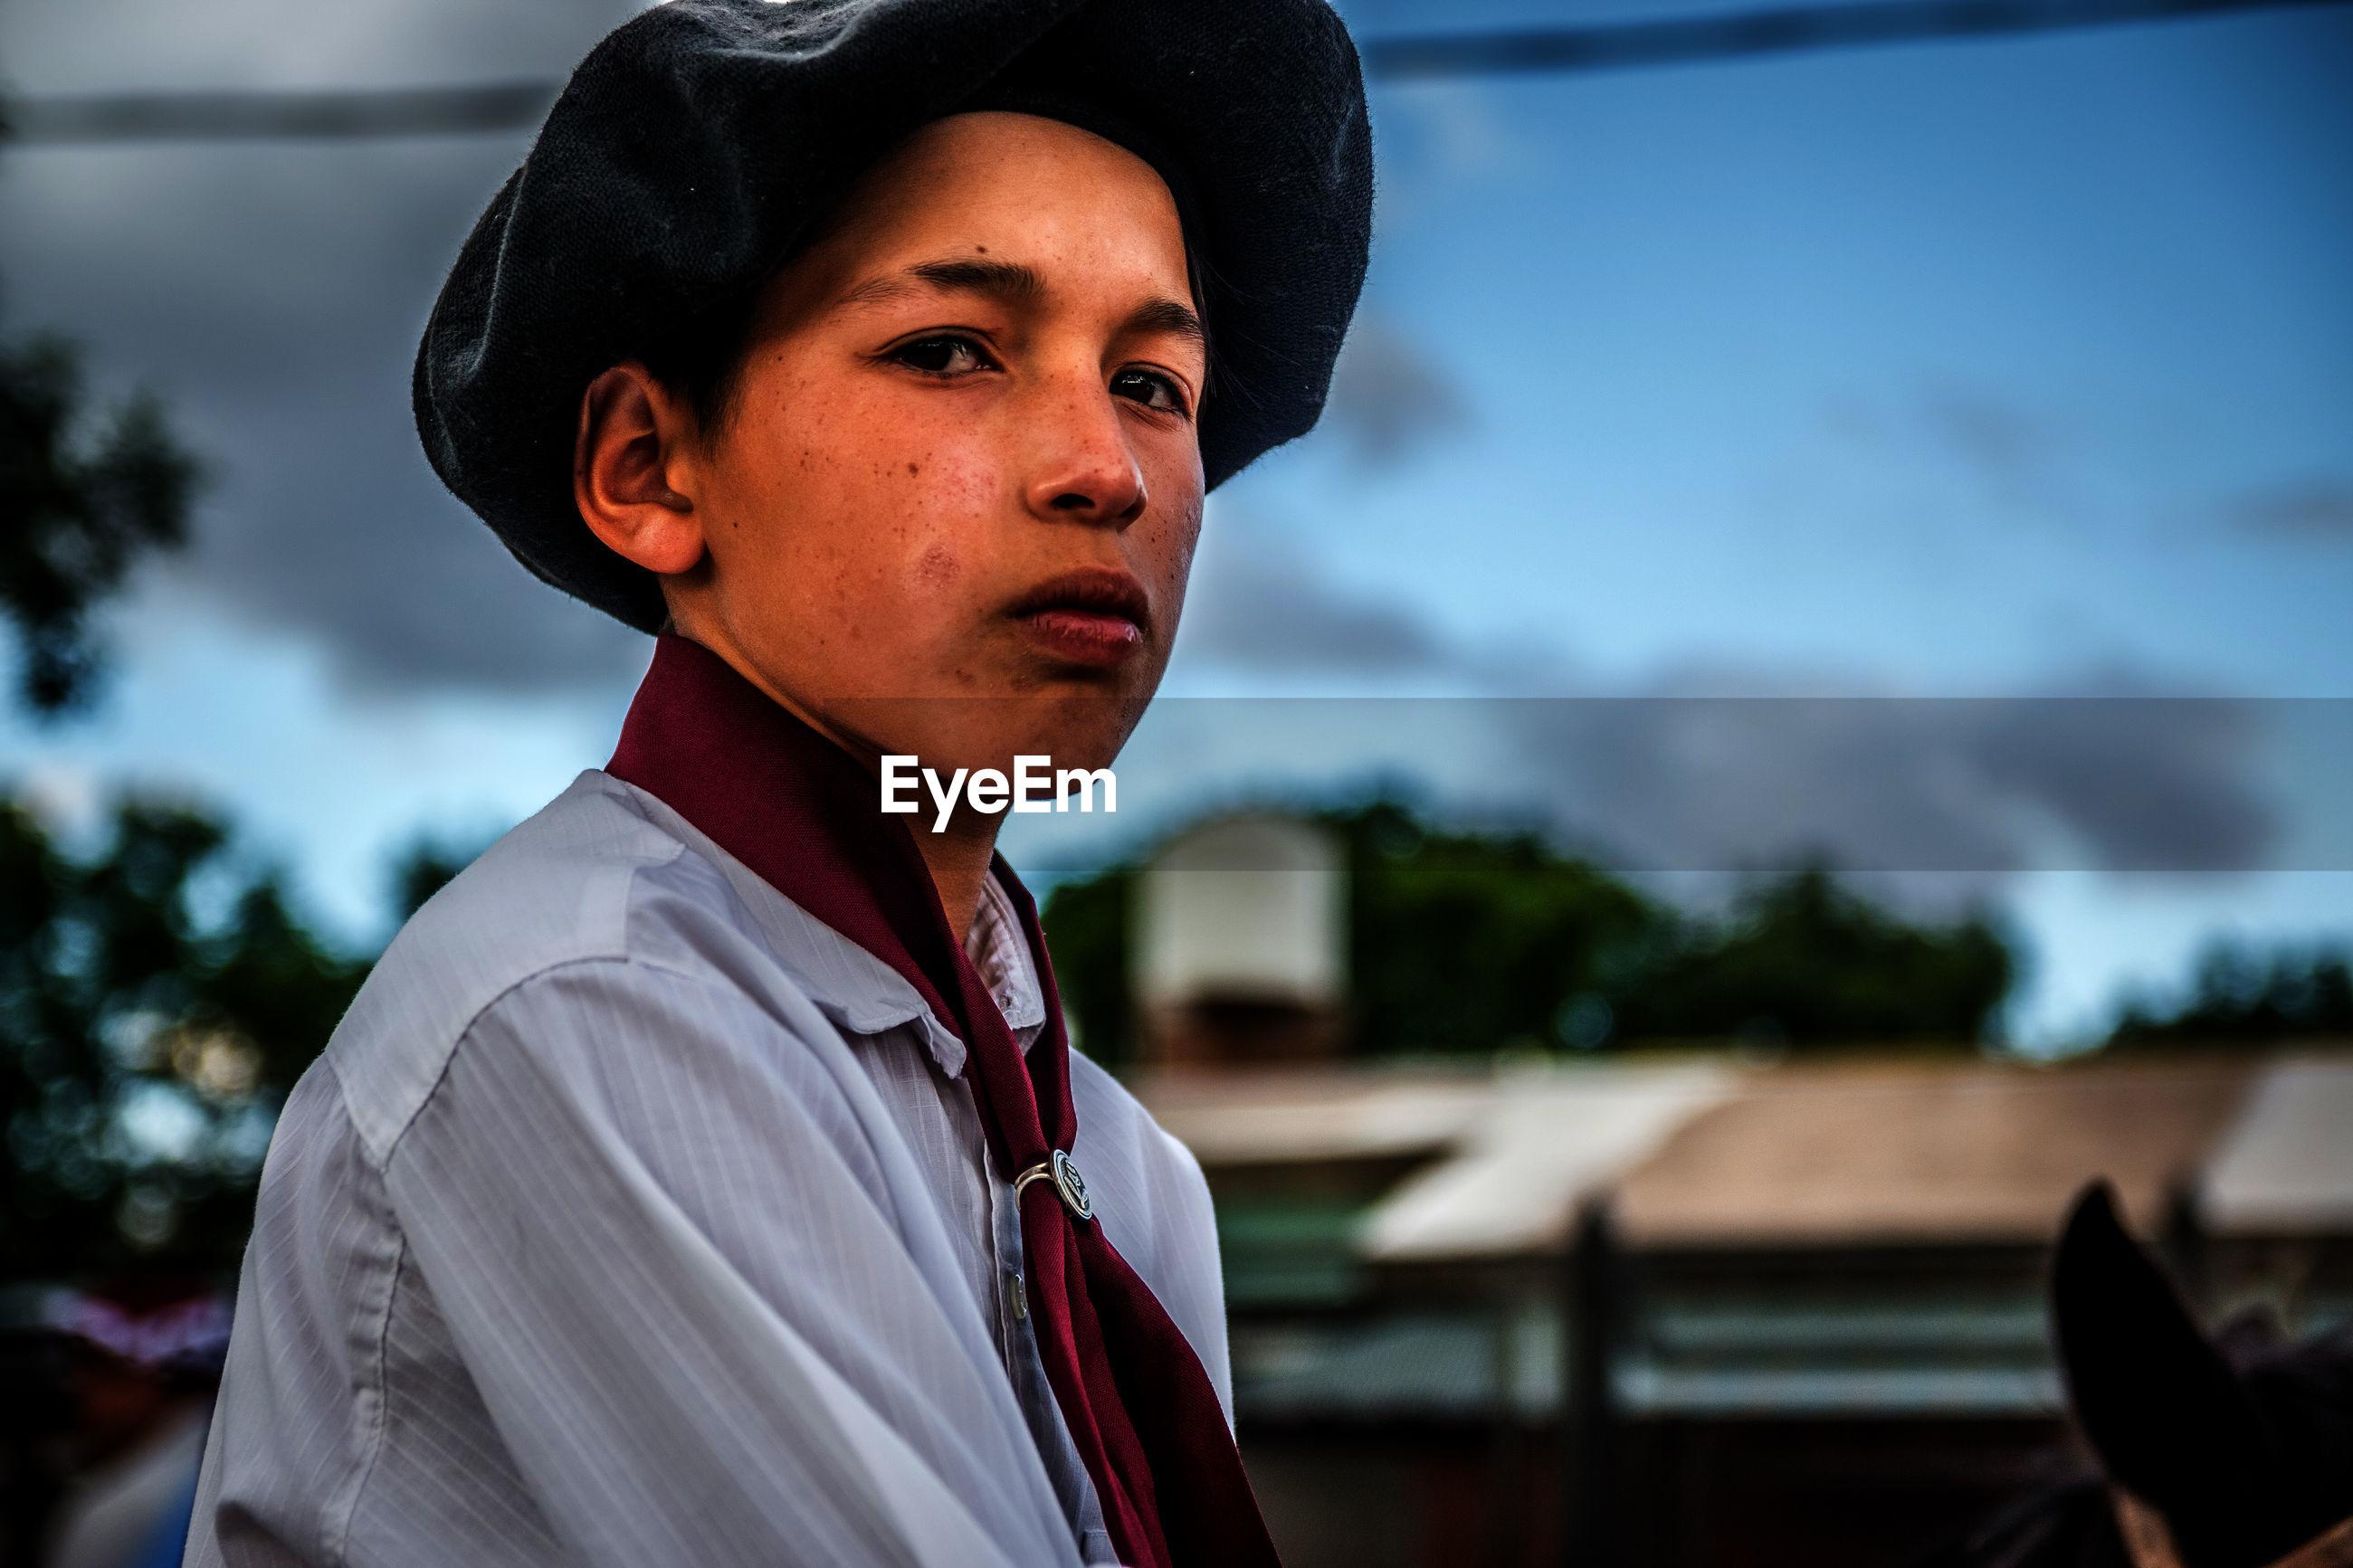 Portrait of teenage boy wearing uniform